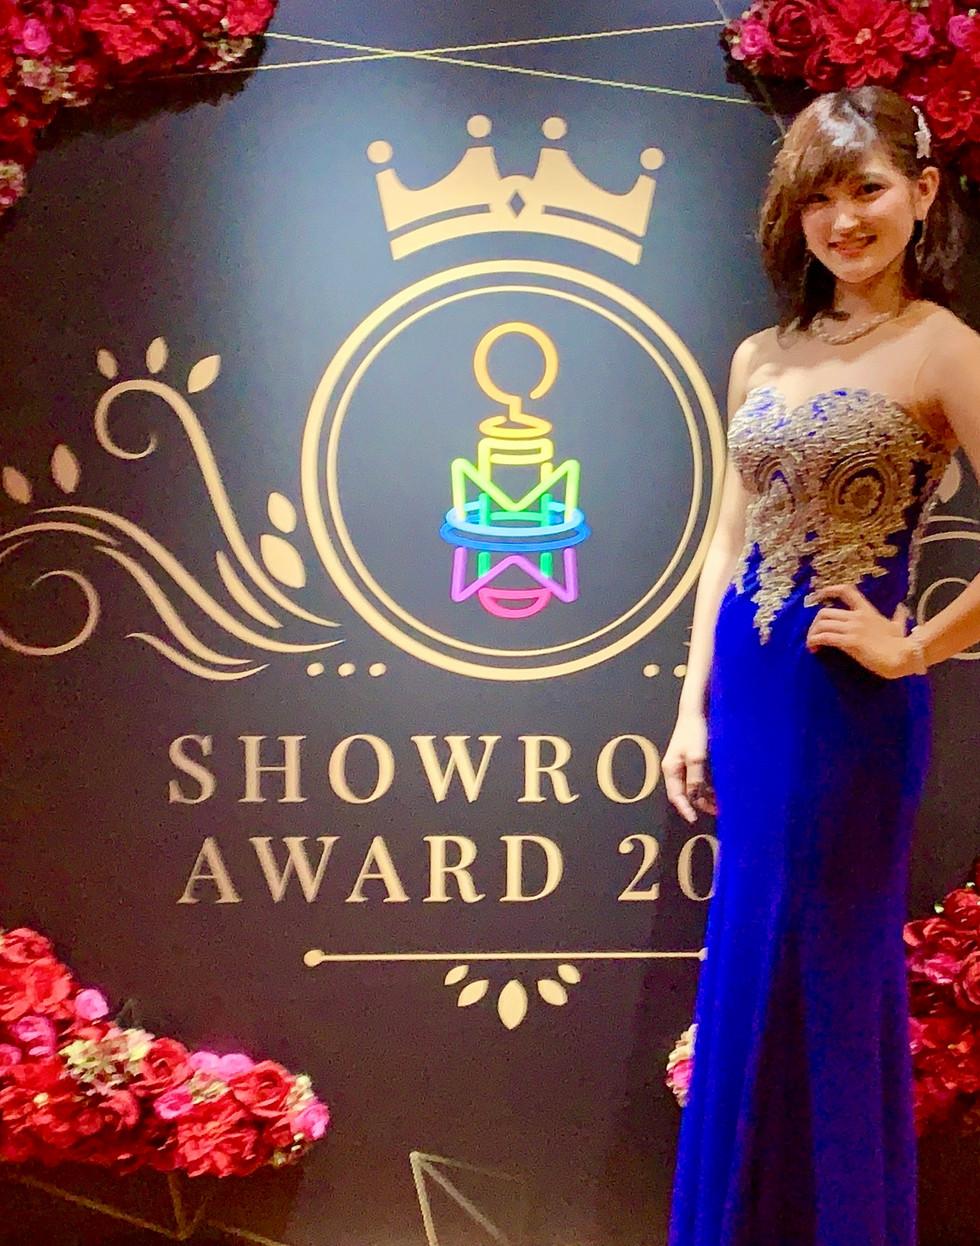 SHOWROOM AWARD